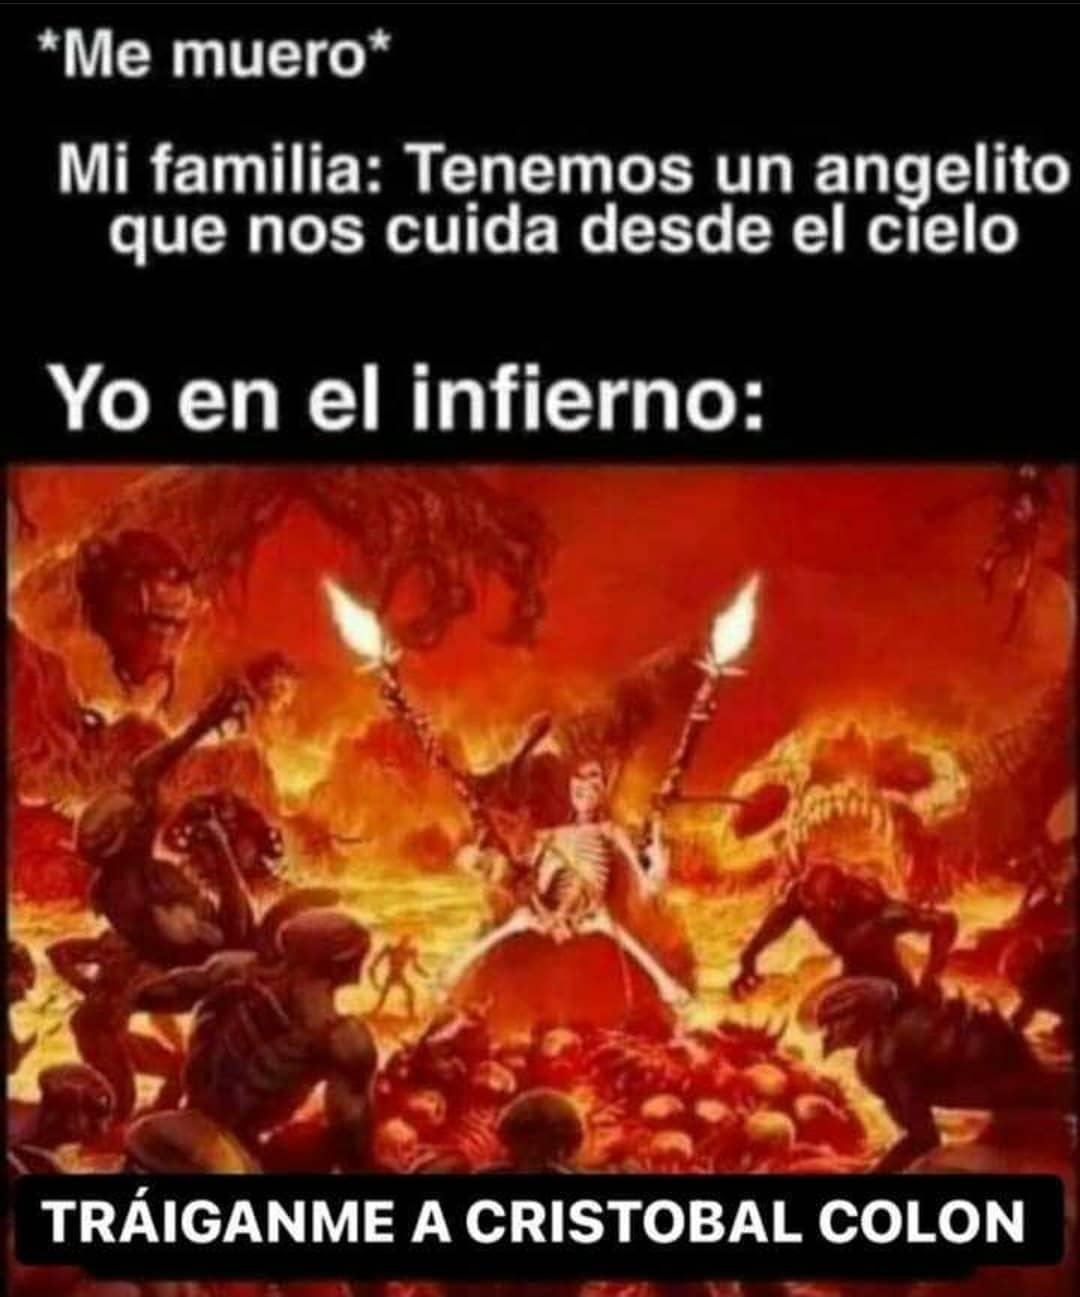 *Me muero*  Mi familia: Tenemos un angelito que nos cuida desde el cielo.  Yo en el infierno: Tráiganme a Cristóbal Colon.